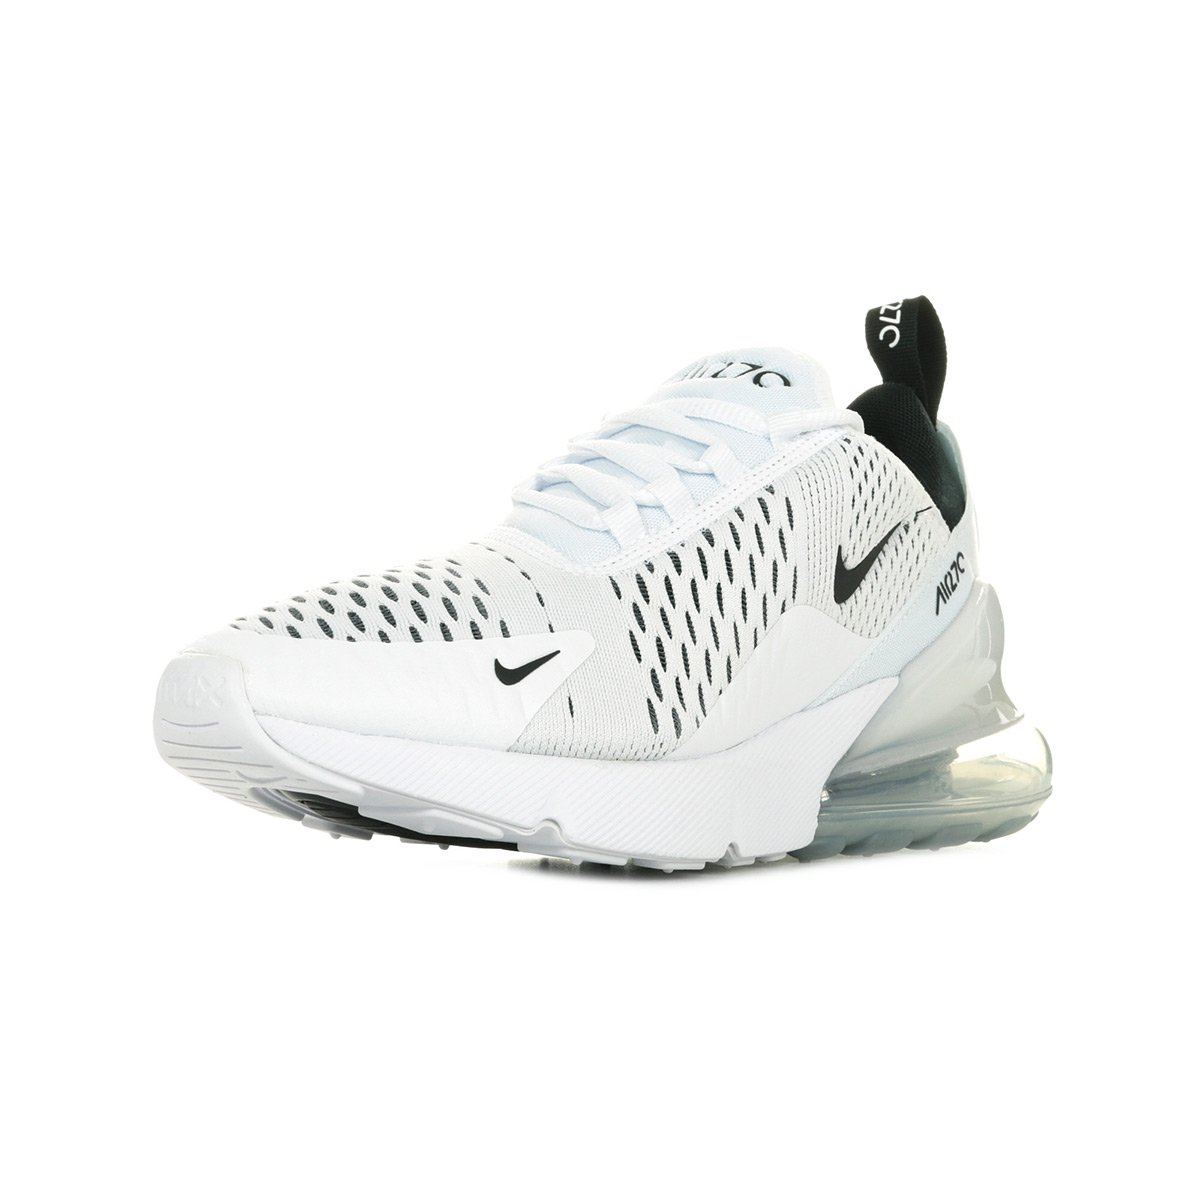 bas prix b6444 b8cf6 Nike Air Max 270 AH6789100, Baskets mode femme